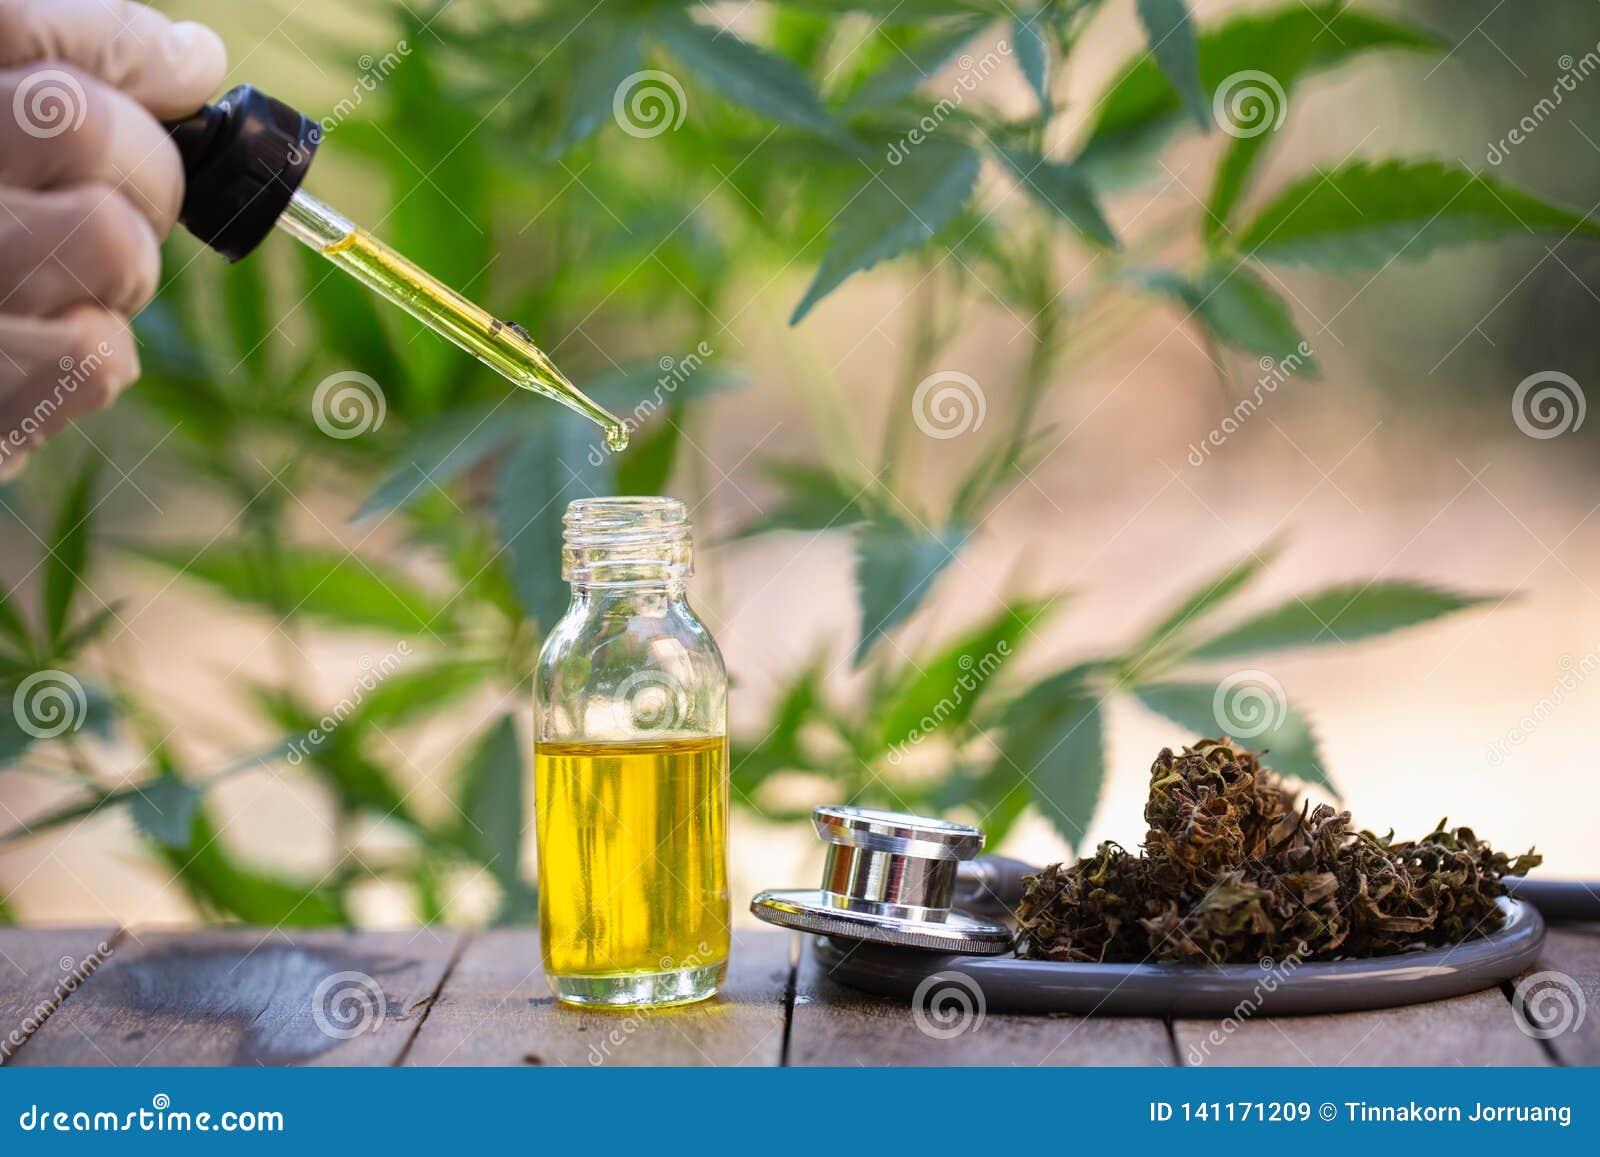 Olio di canapa, prodotti medici della marijuana compreso la foglia della cannabis, germoglio secco, cbd e sminuzzare olio sopra f